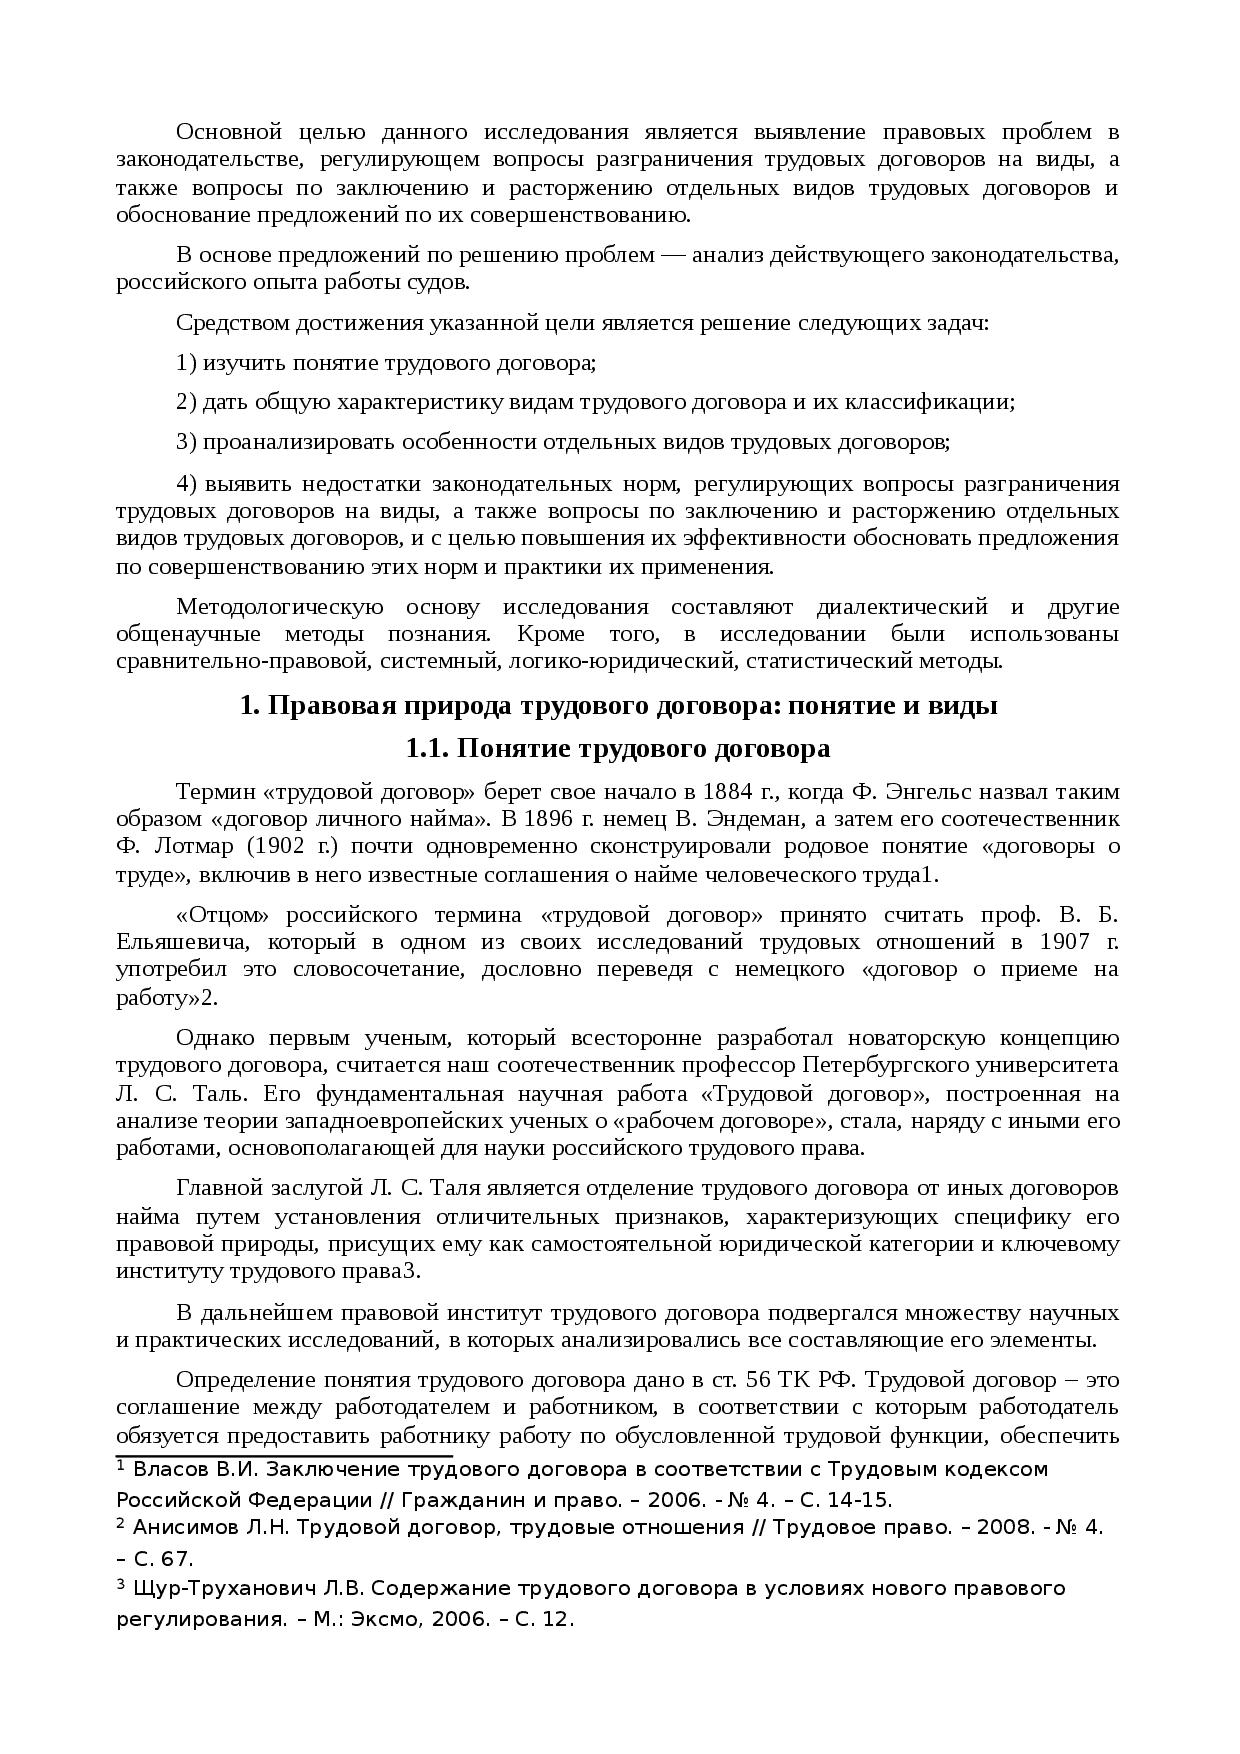 Тк рф | глава 11. заключение трудового договора